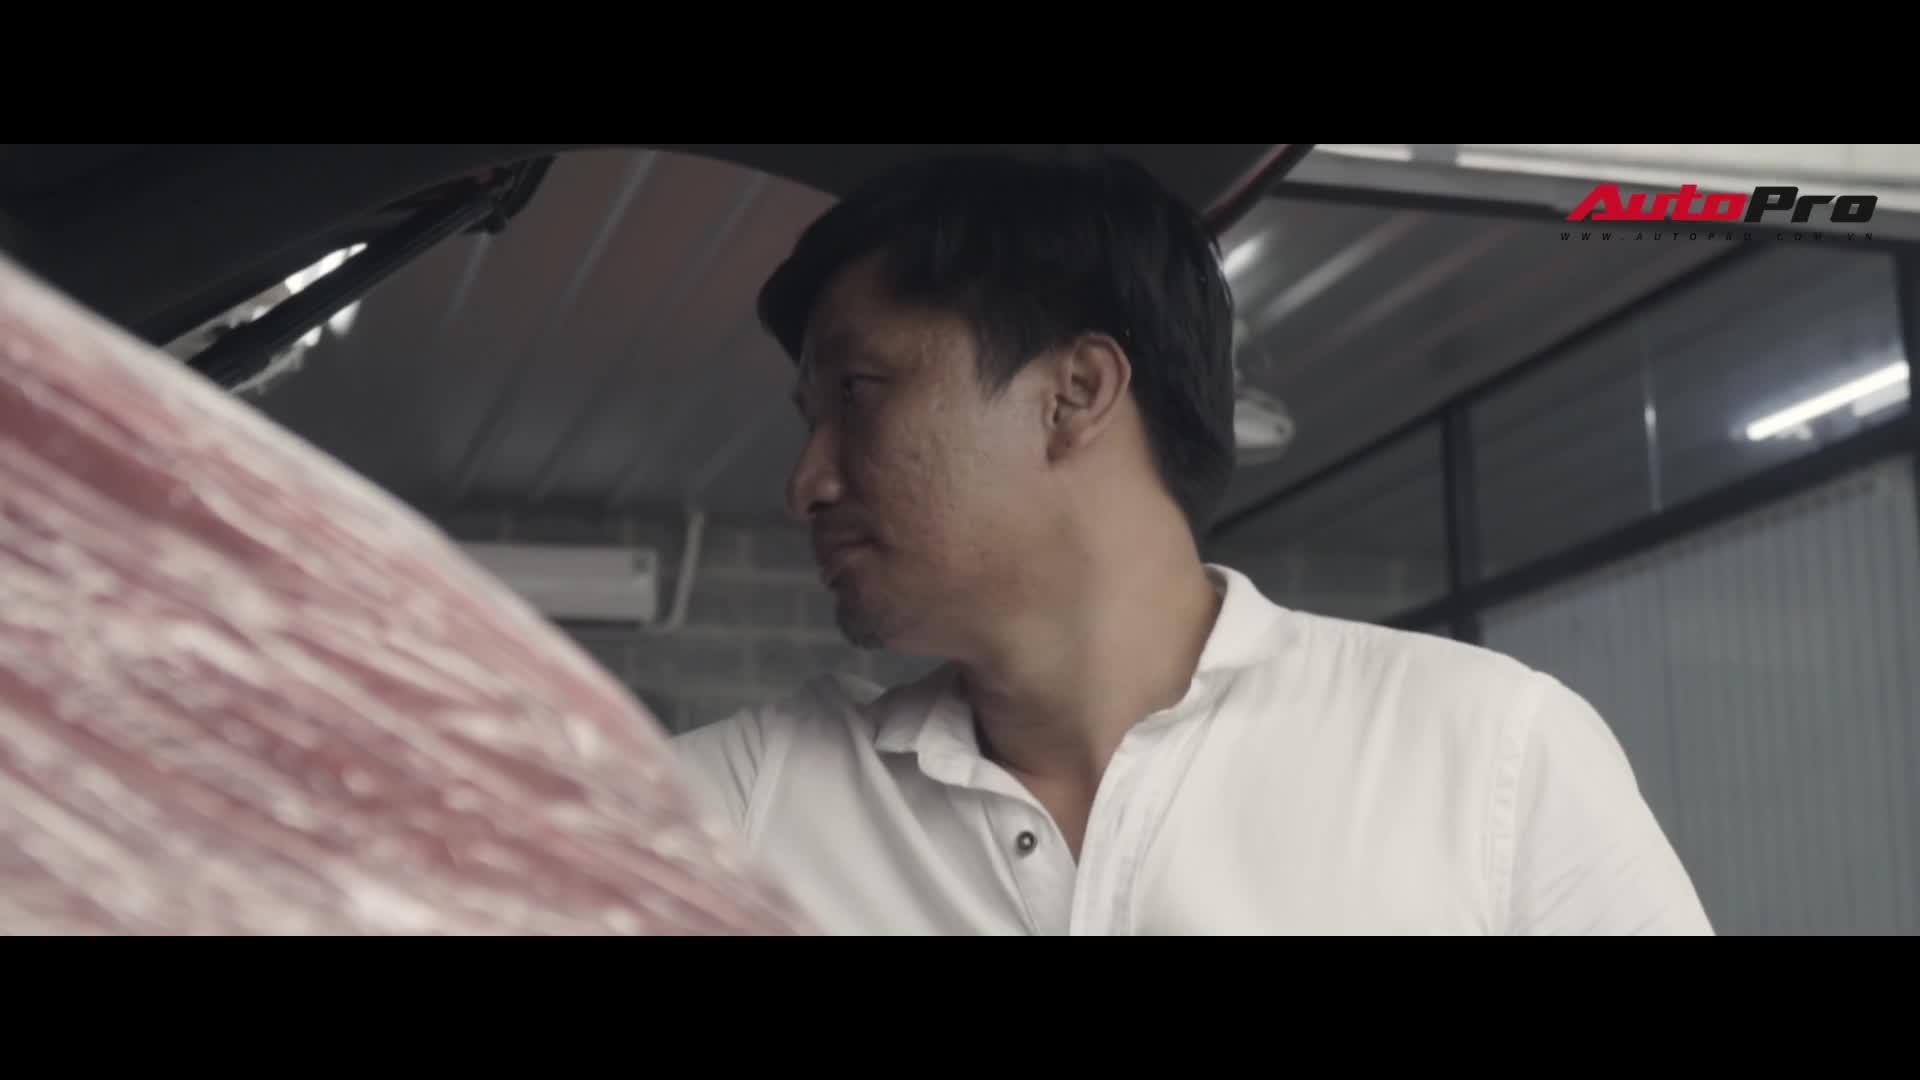 Đặng Khoa Vũ - Phù thuỷ âm thanh xe hơi tại Việt Nam